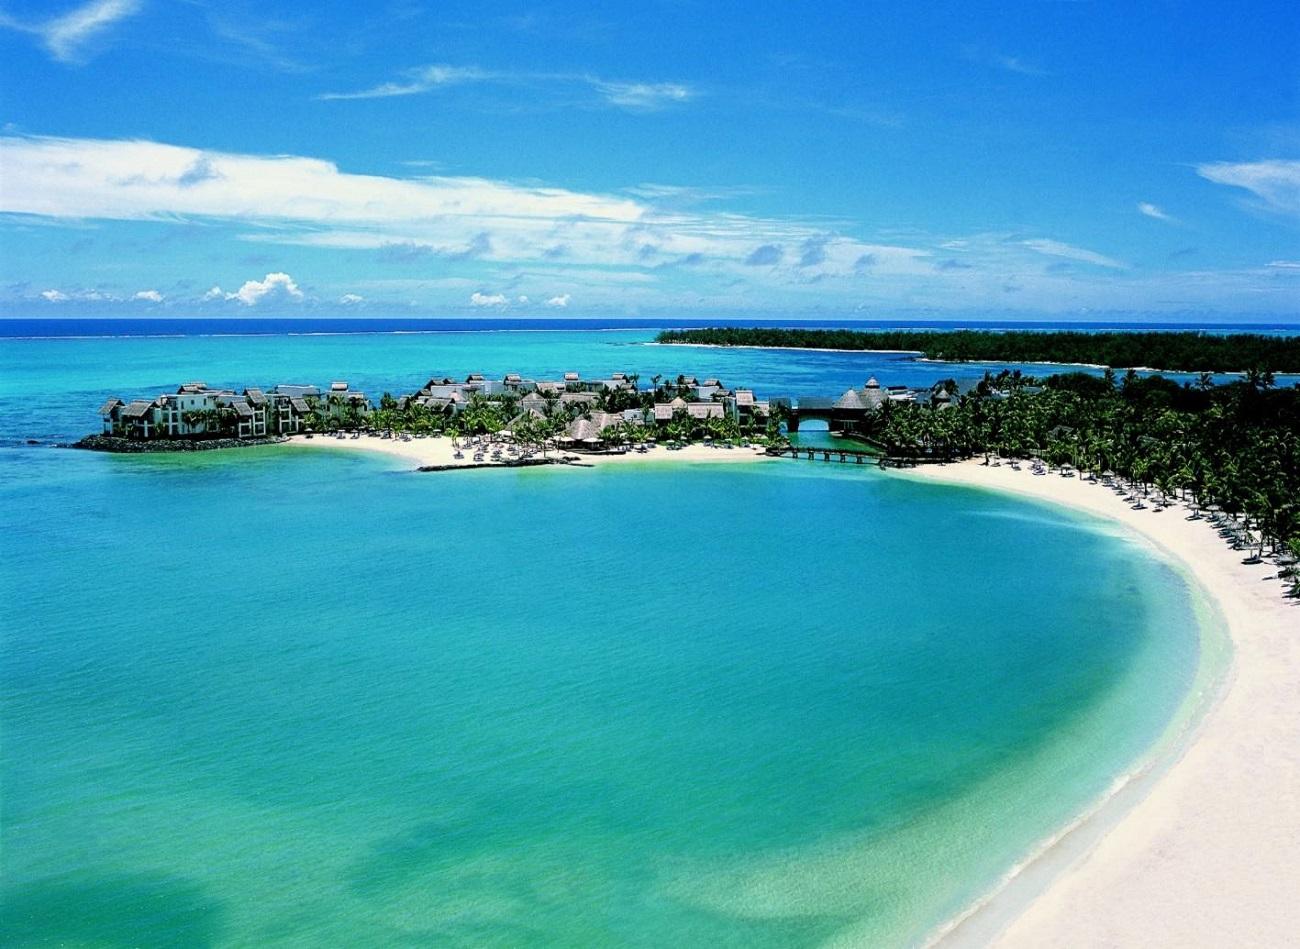 Plajă de pe Insula Bali